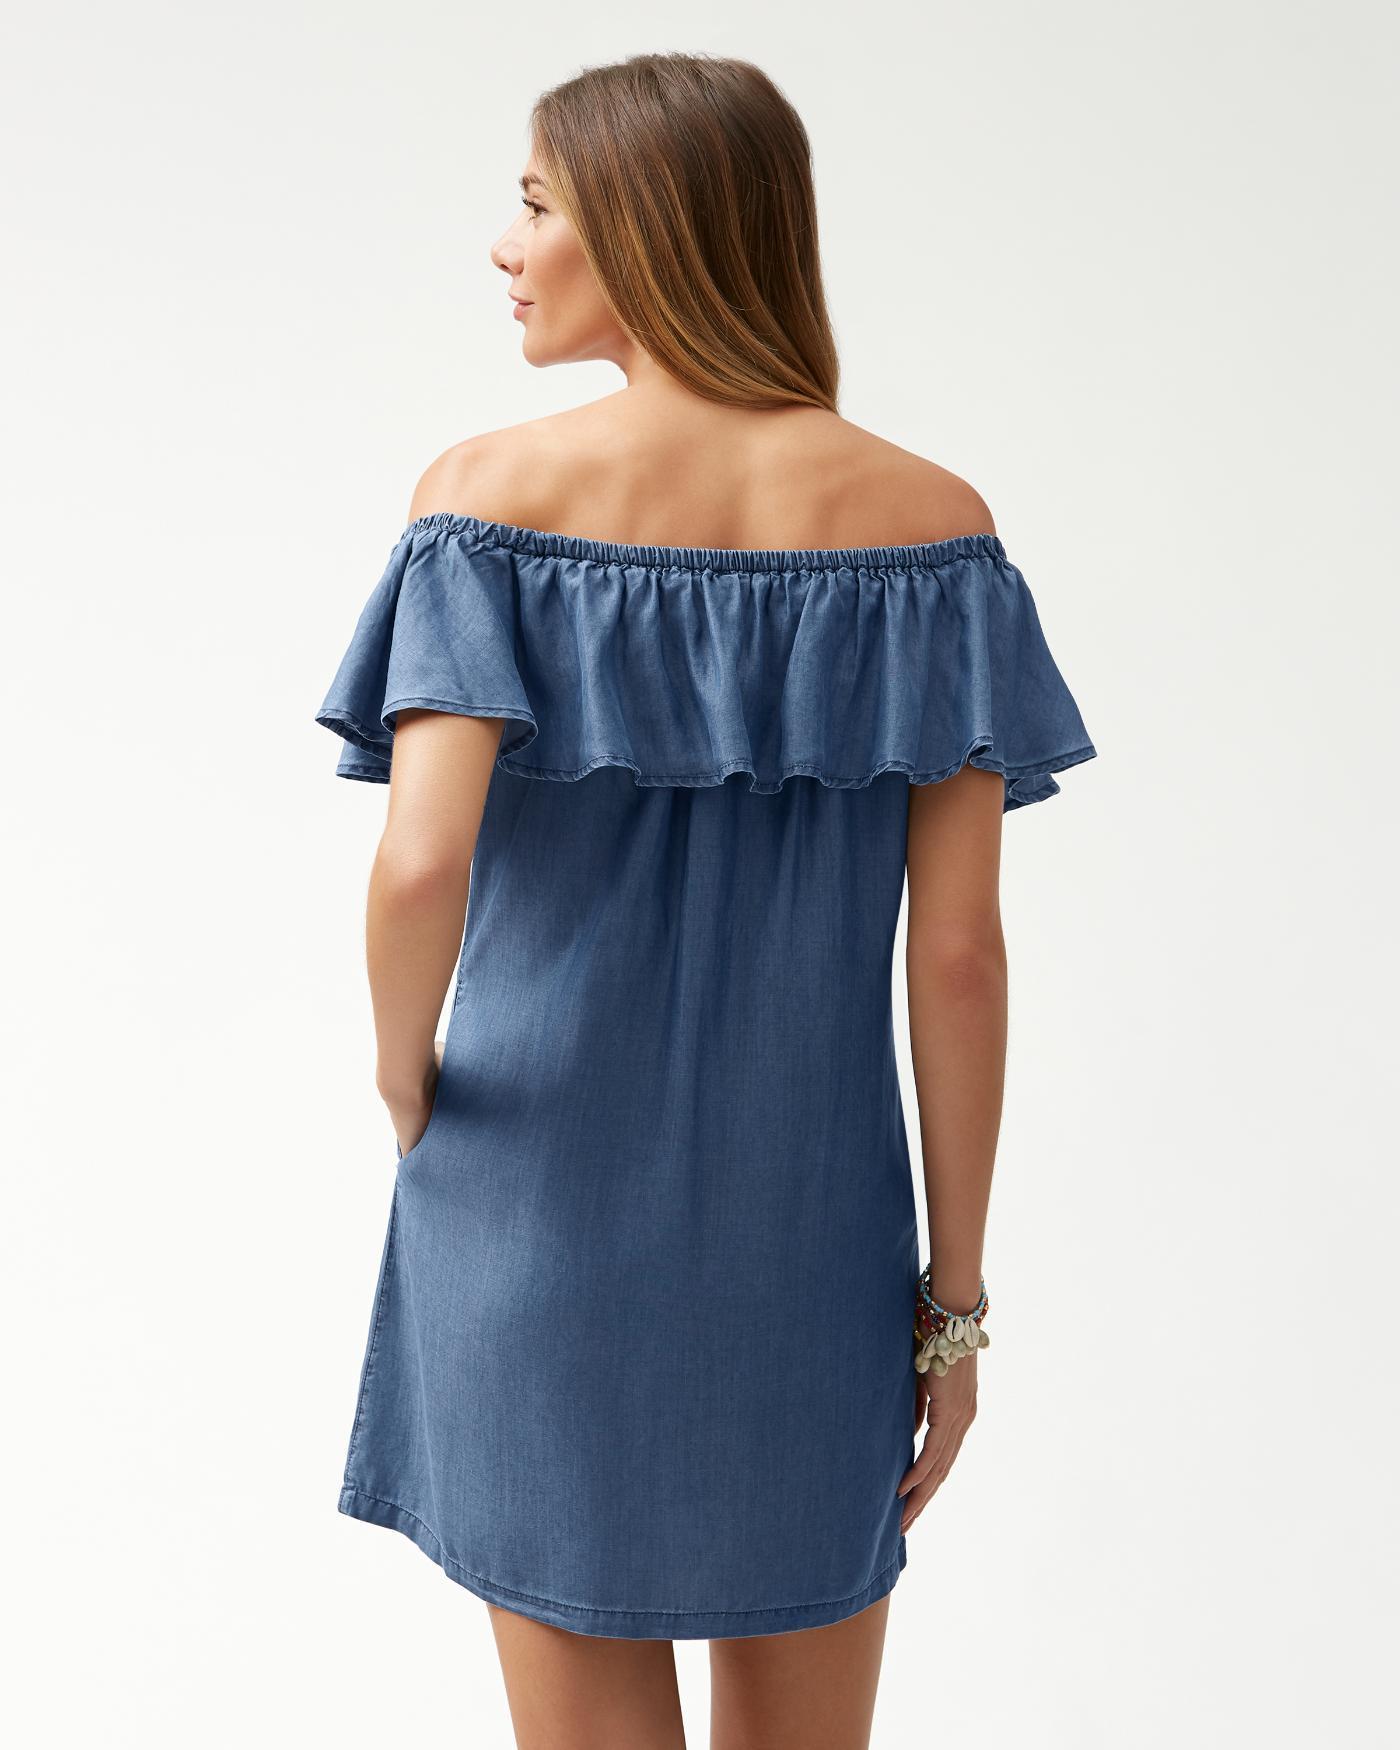 tommy bahama off the shoulder dress